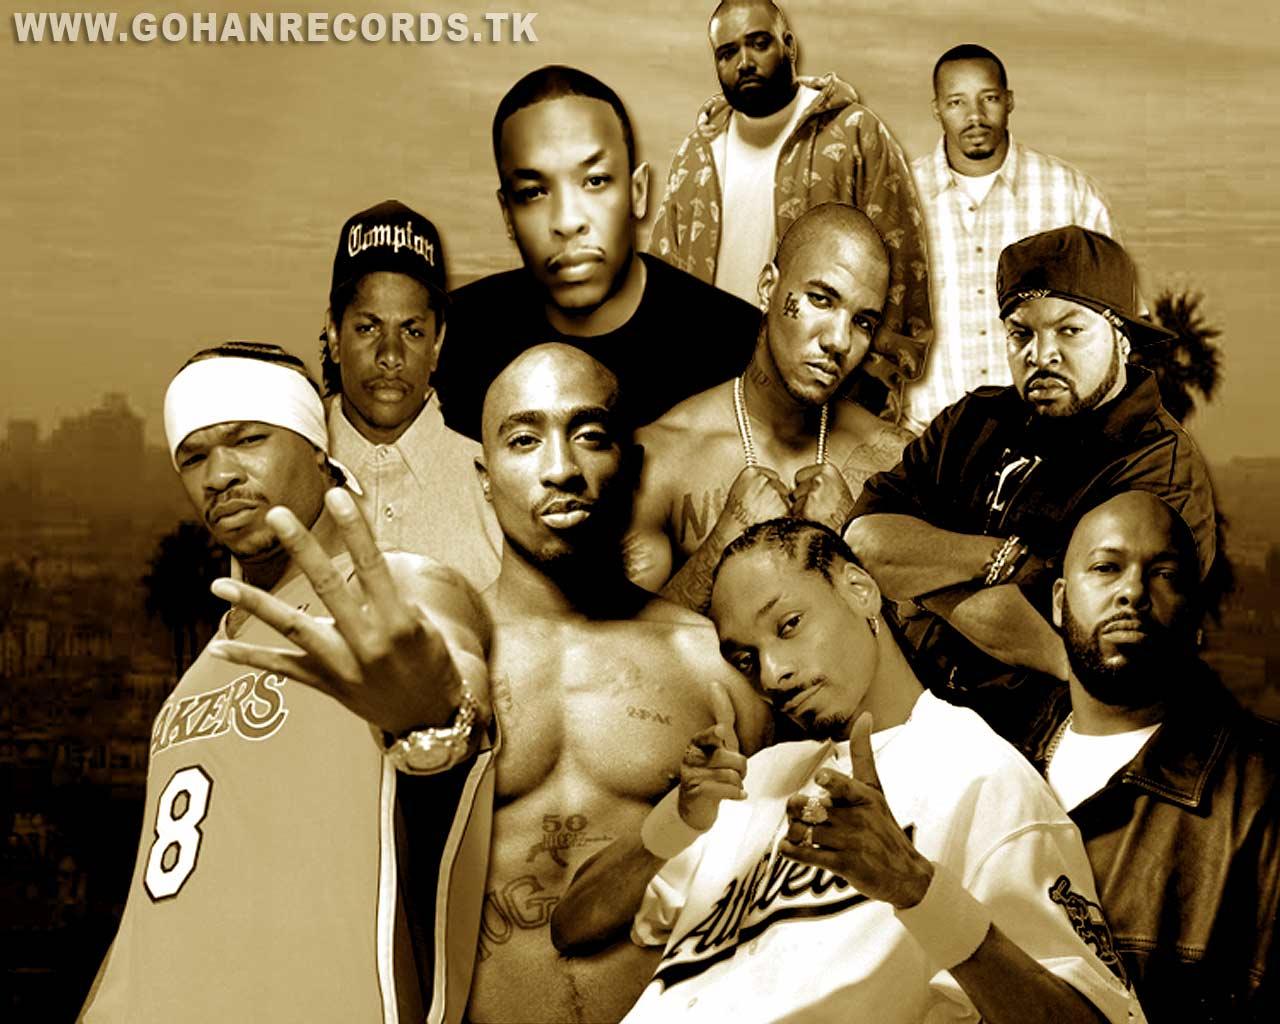 http://2.bp.blogspot.com/-UdjJxpvpDh8/TcAitR3jkhI/AAAAAAAAABM/tJyQ486hxXQ/s1600/wallpaper_rap_hip_gohan_r20.jpg